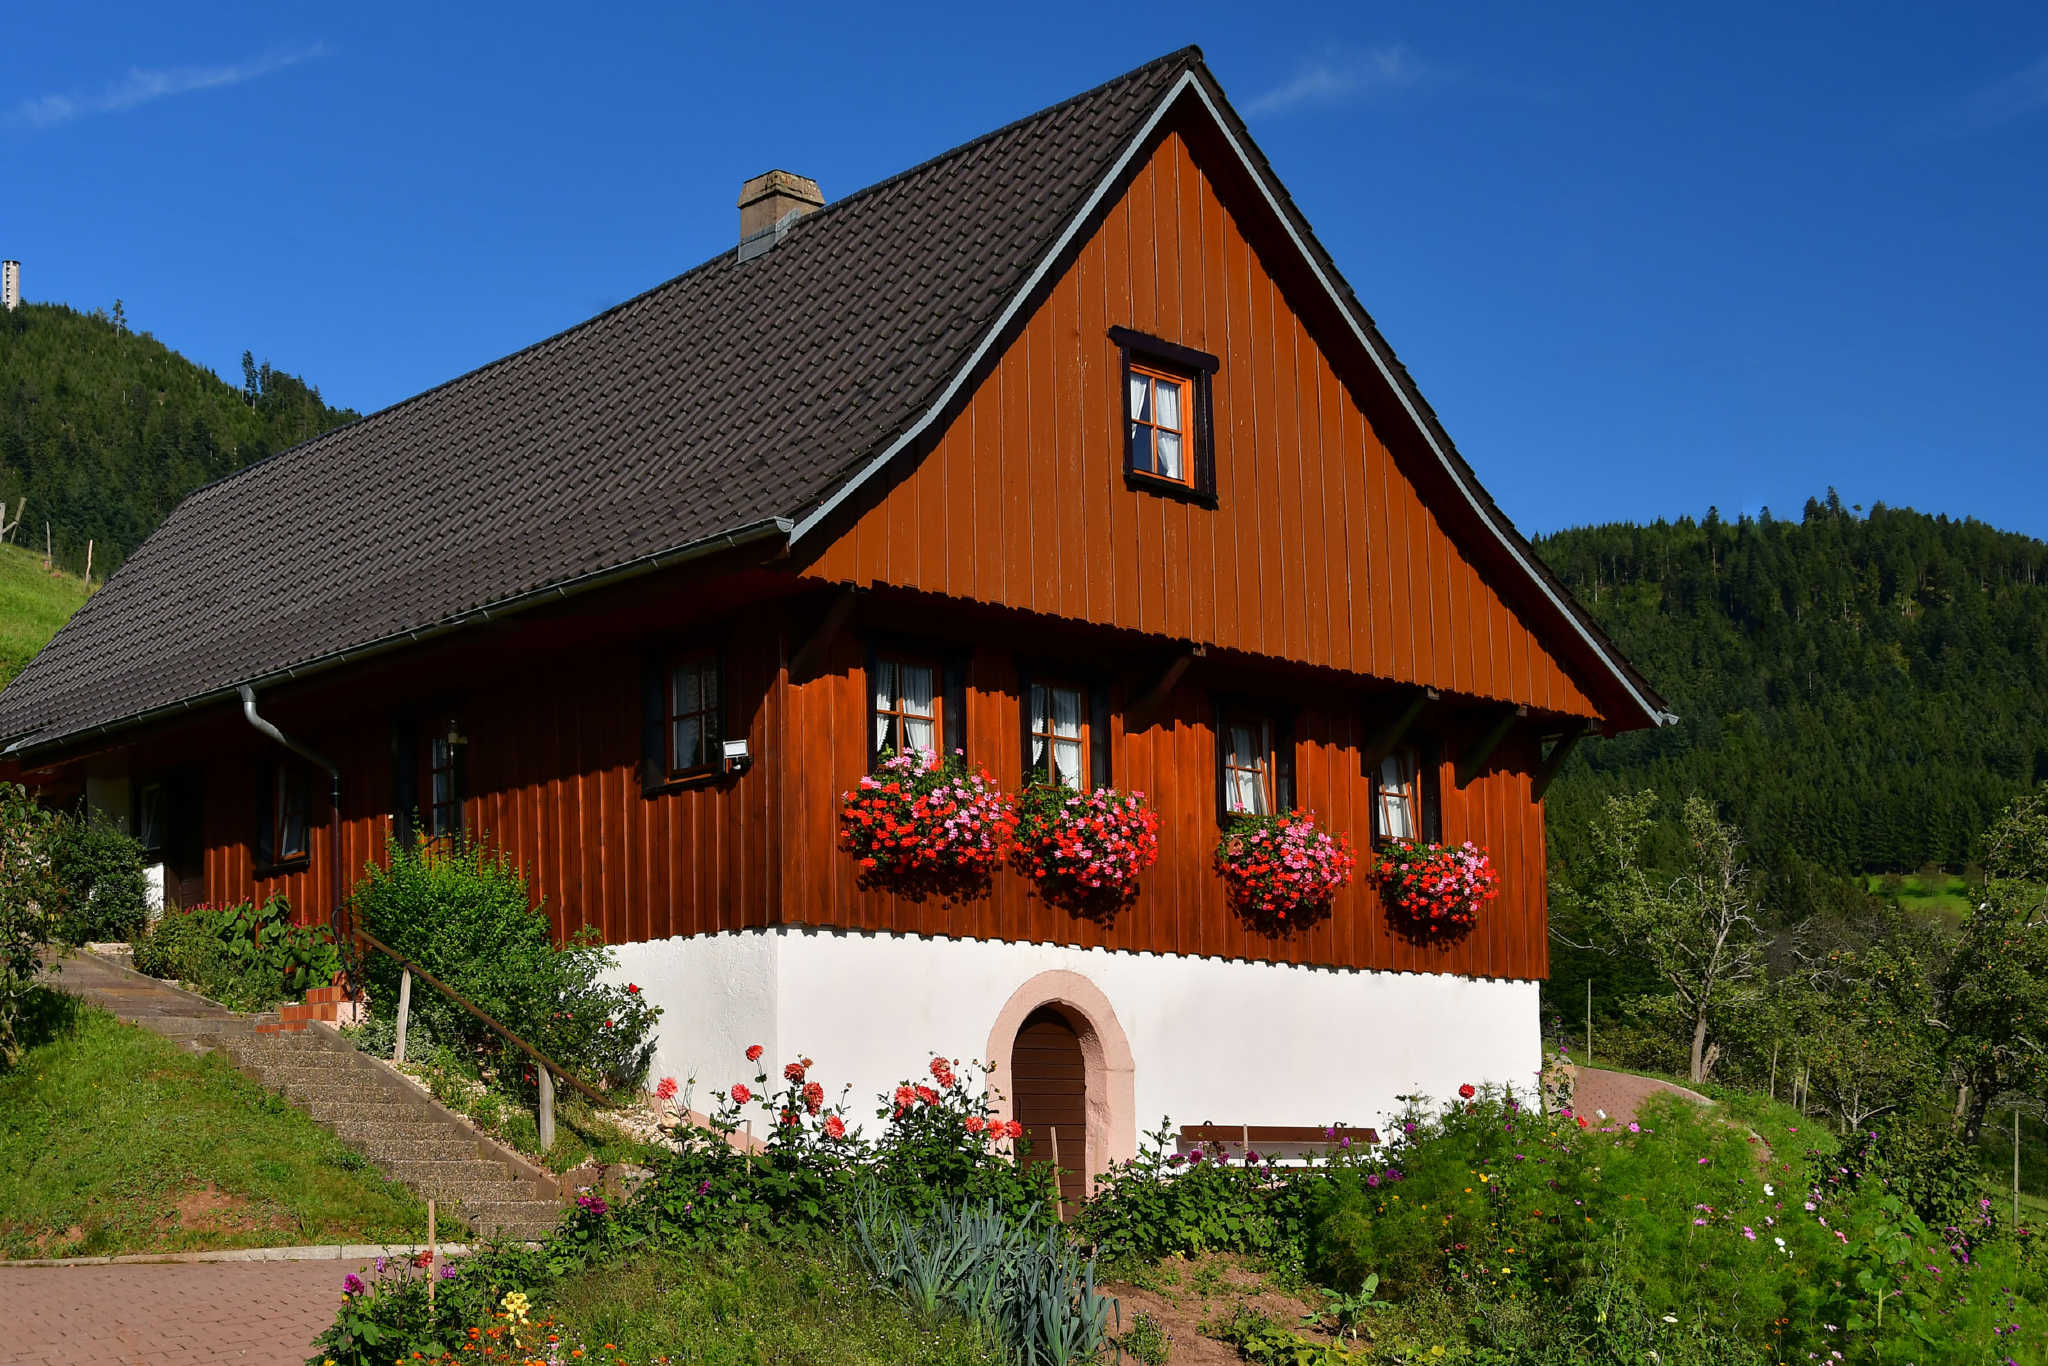 ferienhaus m llerbauernhof in oppenau baden w rttemberg huber. Black Bedroom Furniture Sets. Home Design Ideas